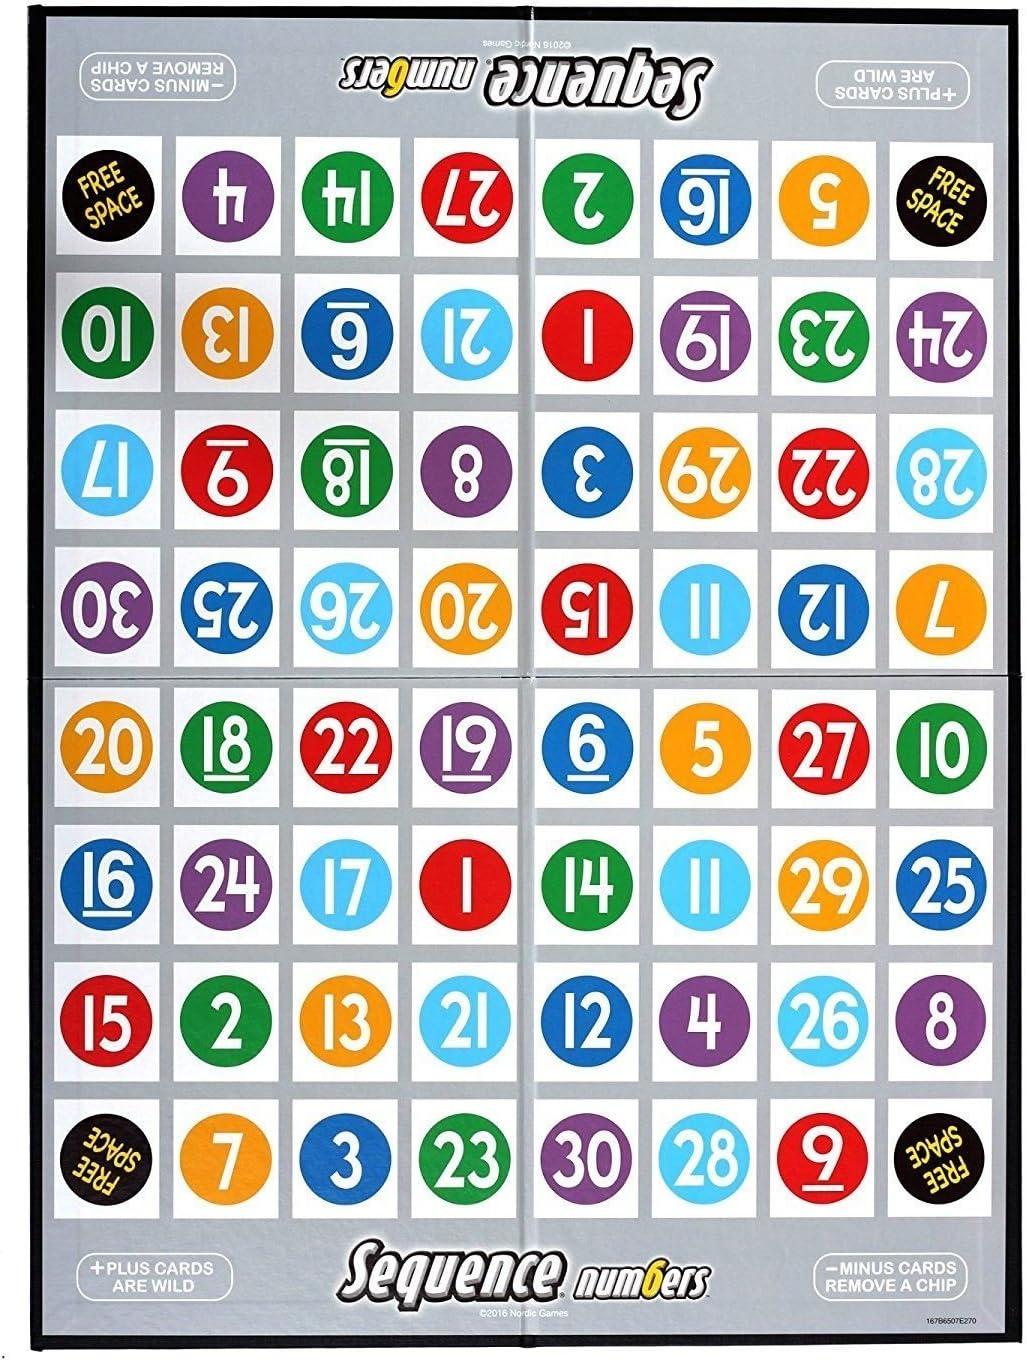 Sequence Númerios juego de mesa: Amazon.es: Juguetes y juegos